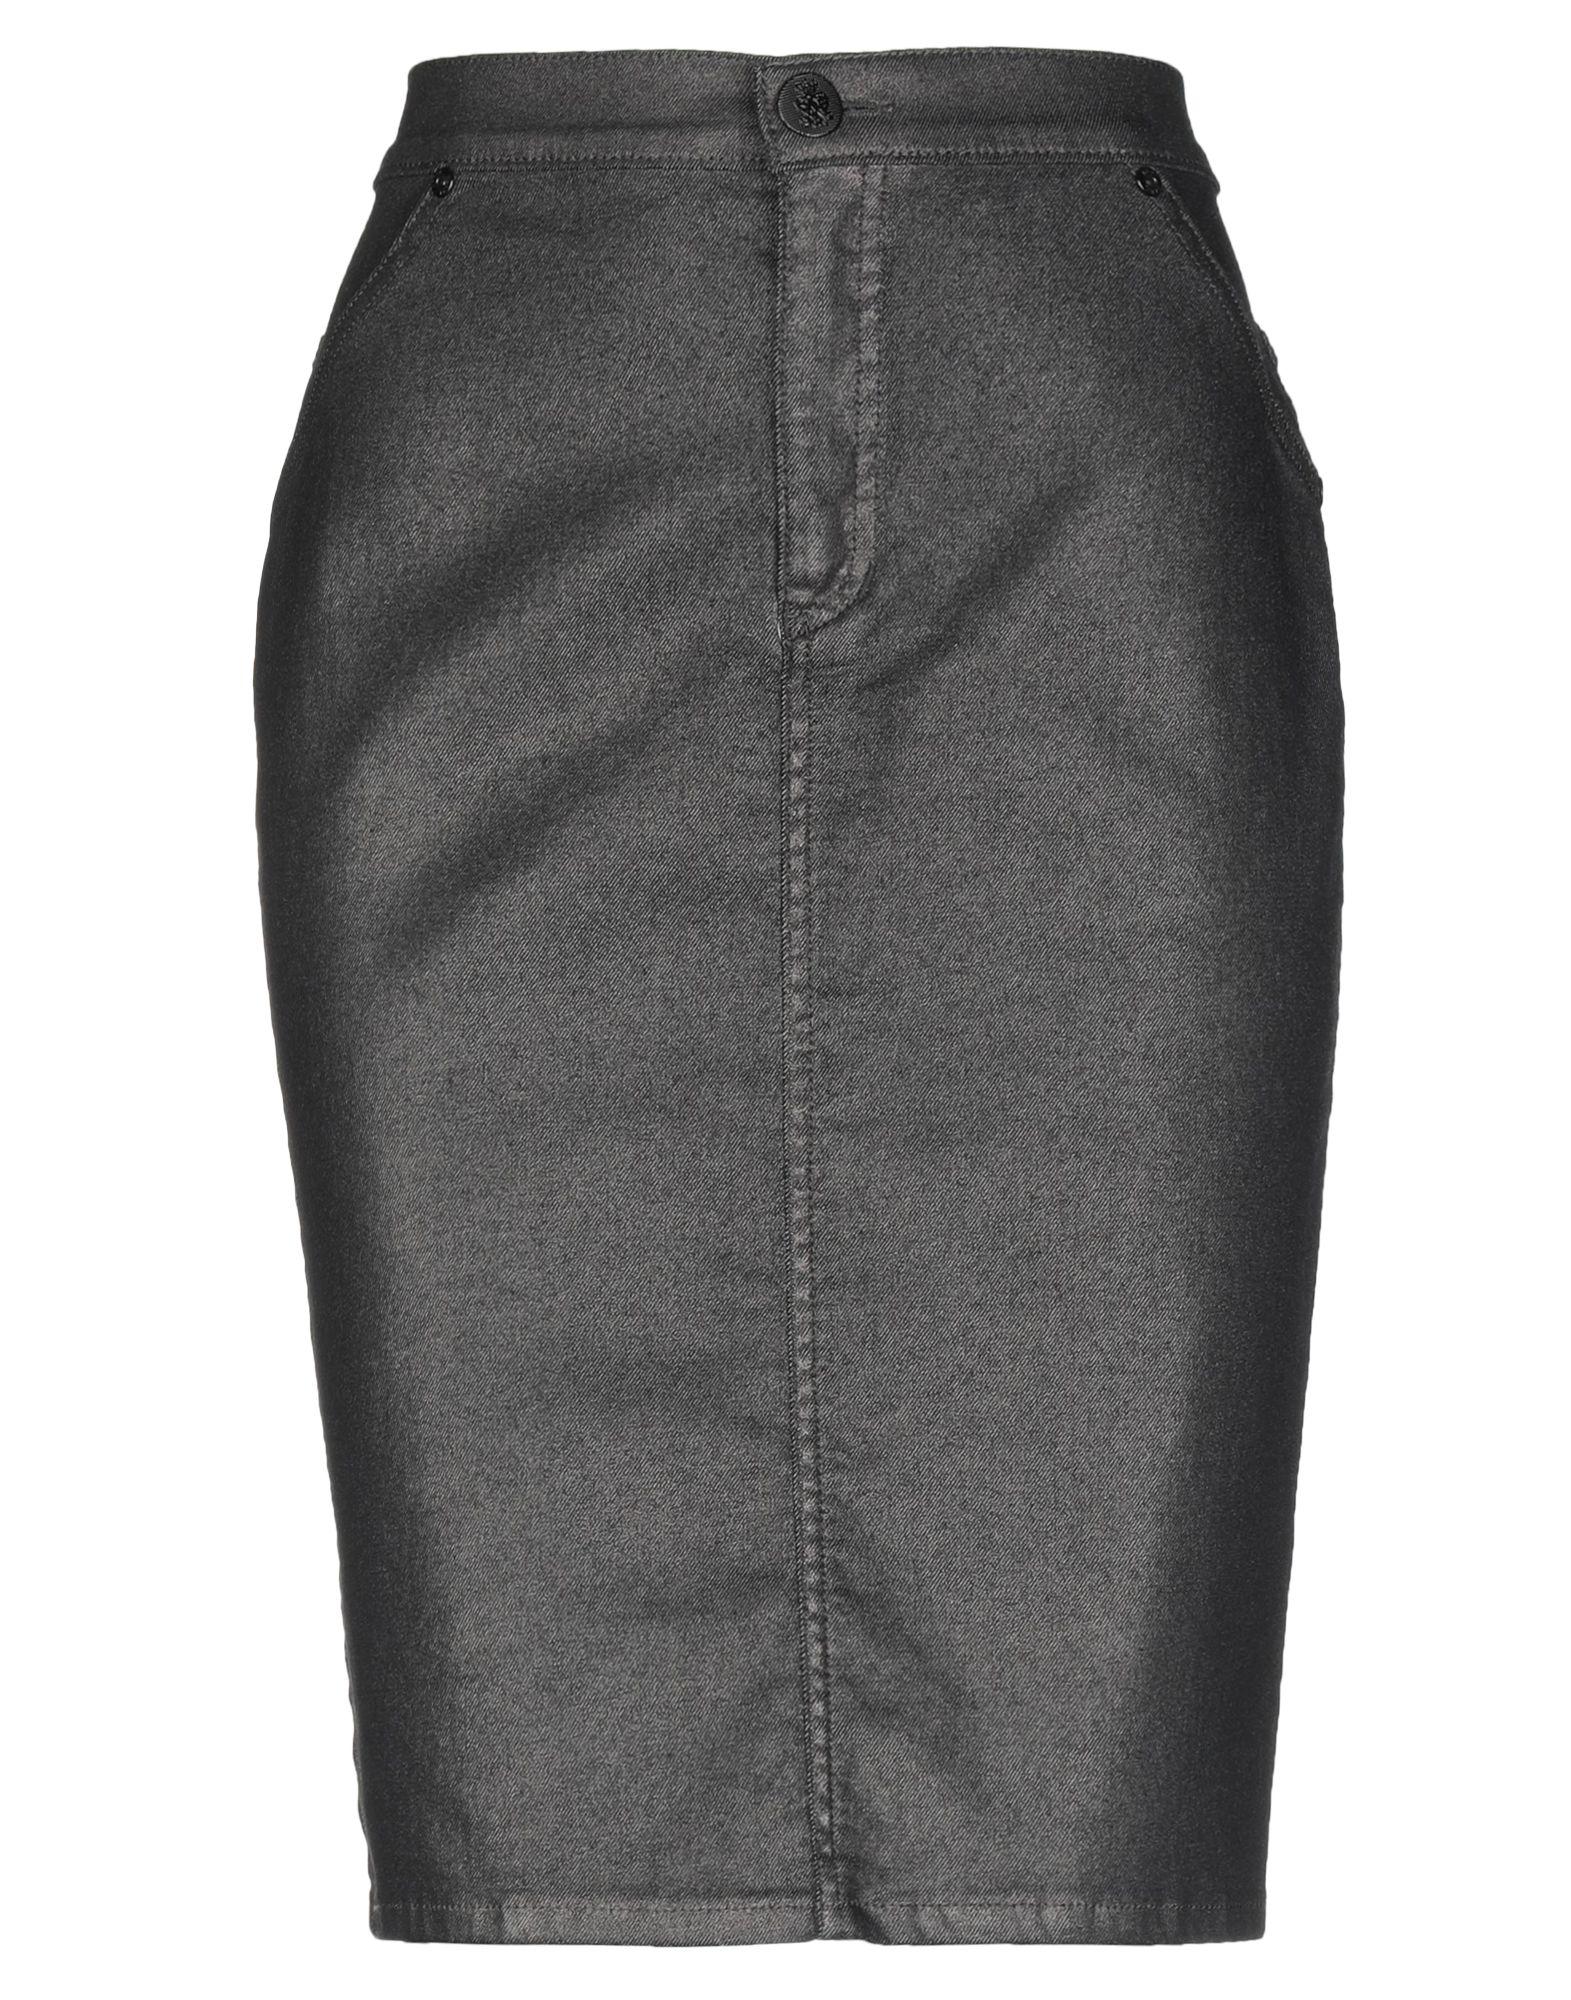 Фото - ELISA FANTI Джинсовая юбка юбка elisa fanti юбка